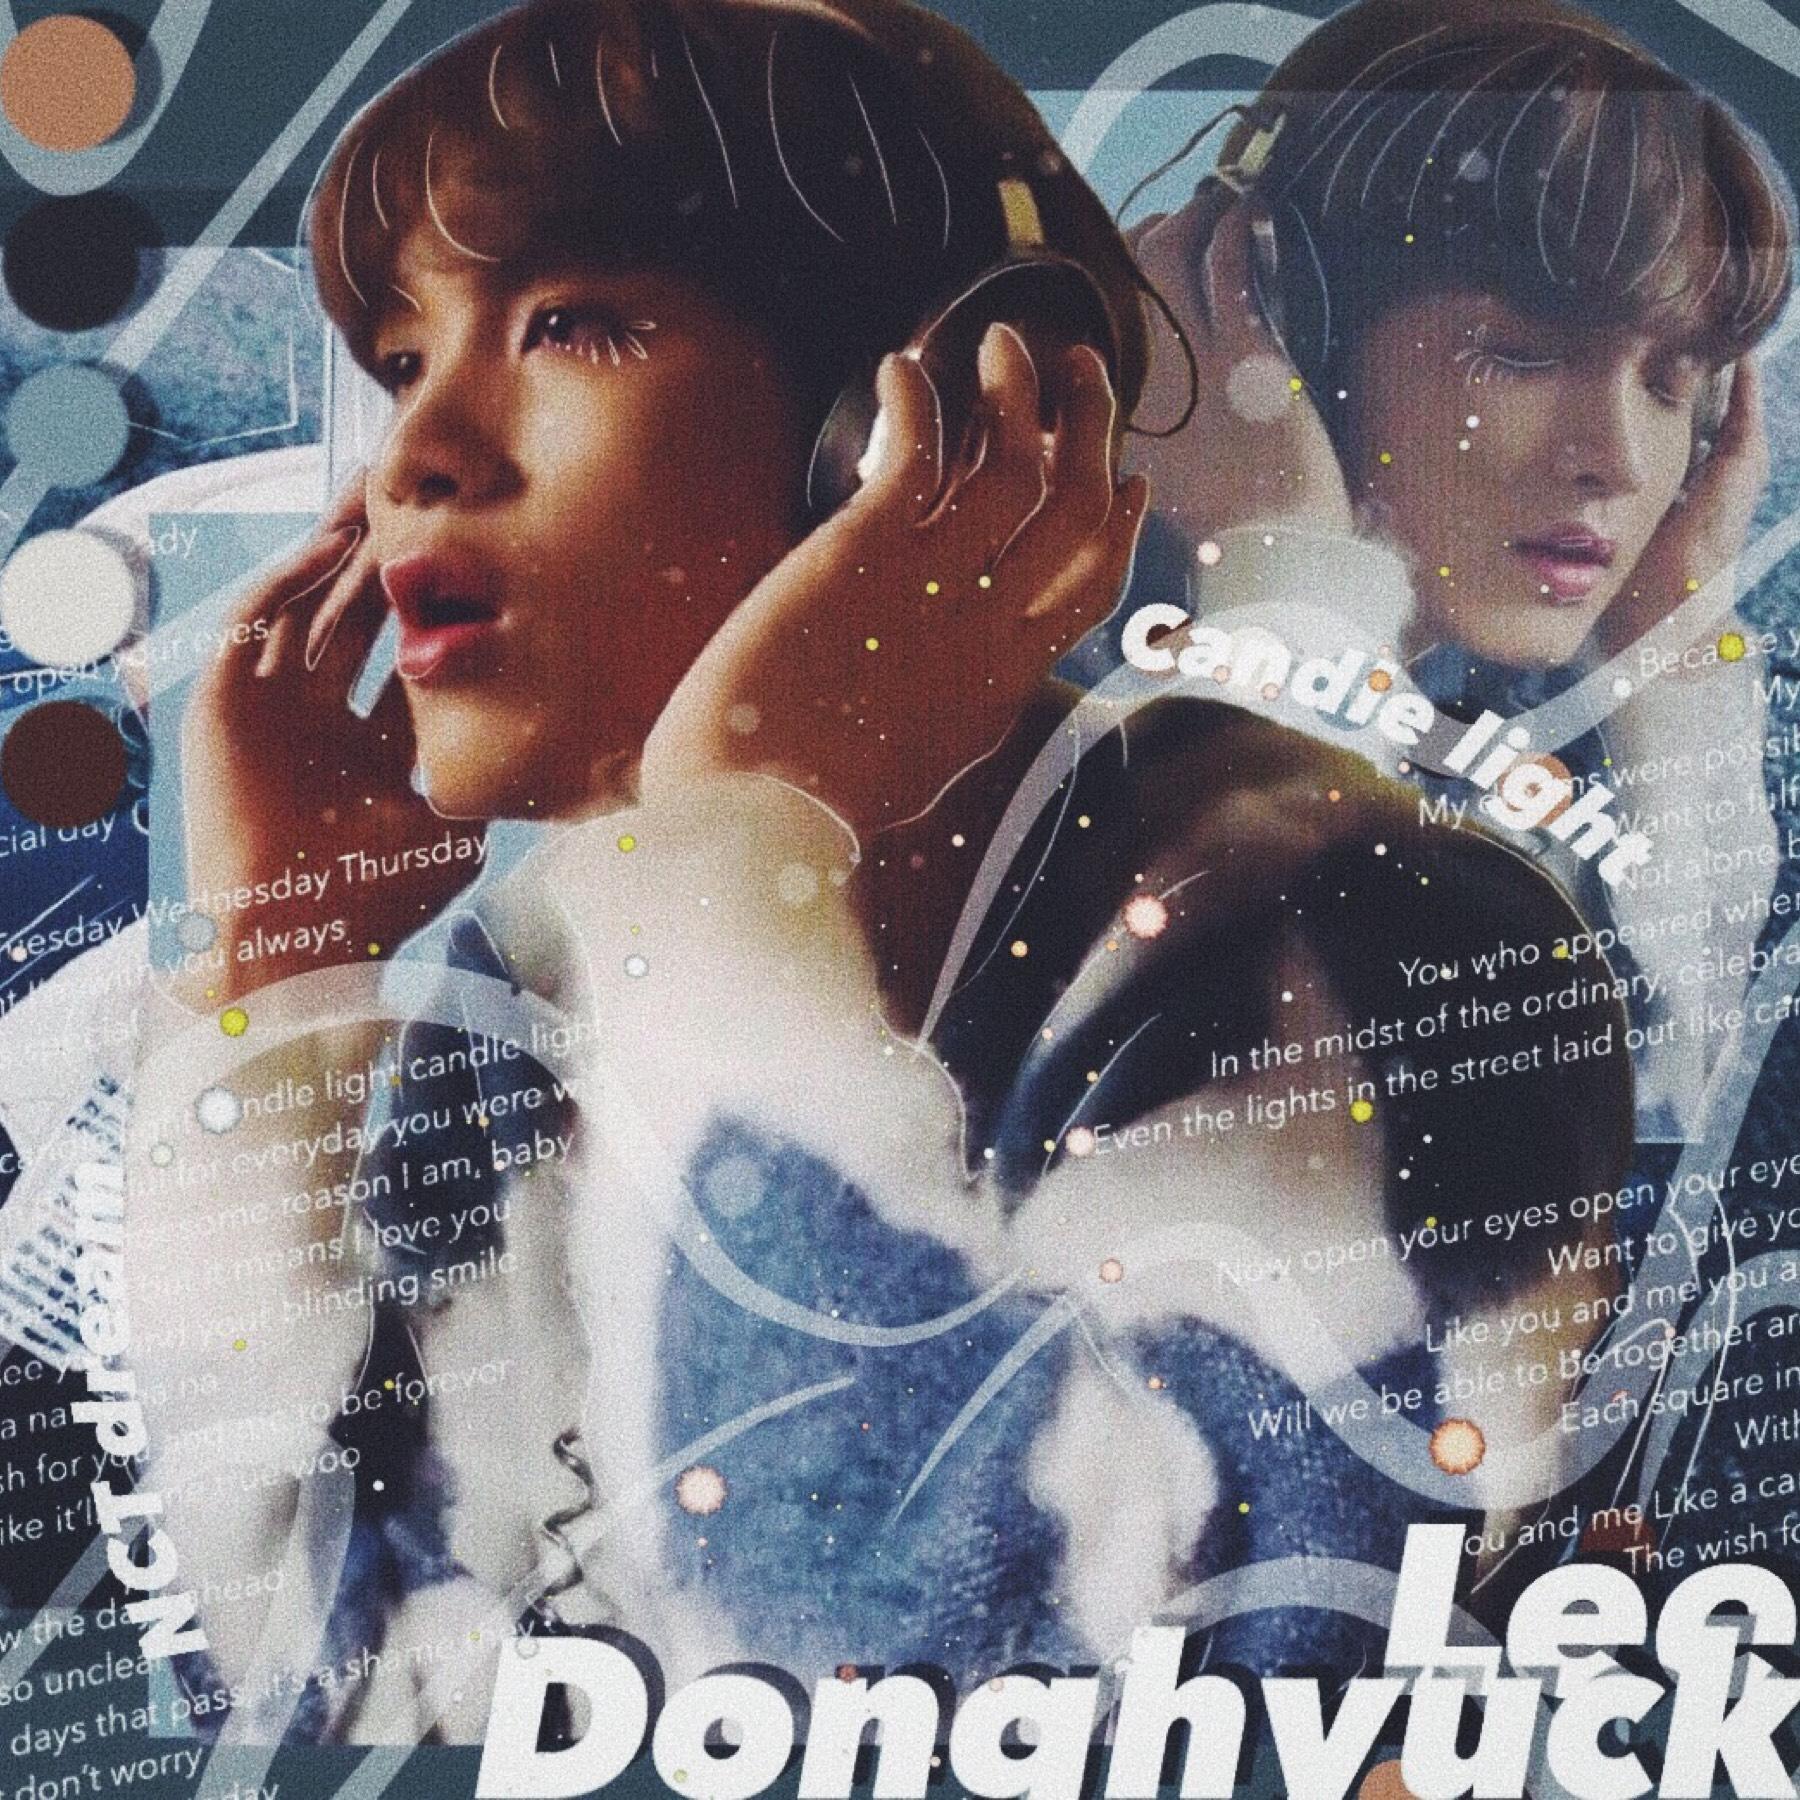 ᵞᴼᵁ ᶜᴬᴺ ᵀᴬᴷᴱ ᴼᶠᶠ ᵞᴼᵁᴿ ᶜᴸᴼᵀᴴᴱˢ ᴮᵁᵀ ᵞᴼᵁ ᶜᴬᴺ'ᵀ ᵀᴬᴷᴱ ᴼᶠᶠ ᵞᴼᵁᴿ ᴴᴬᴵᴿ Tbh this is so bad lol my edit im most proud of from winter break so far is the renjun one sjjsjs But pls hmu? But maybe not on pc since I'm not here often but like HAPPY NEW YEAR💕💕 And hyuck-